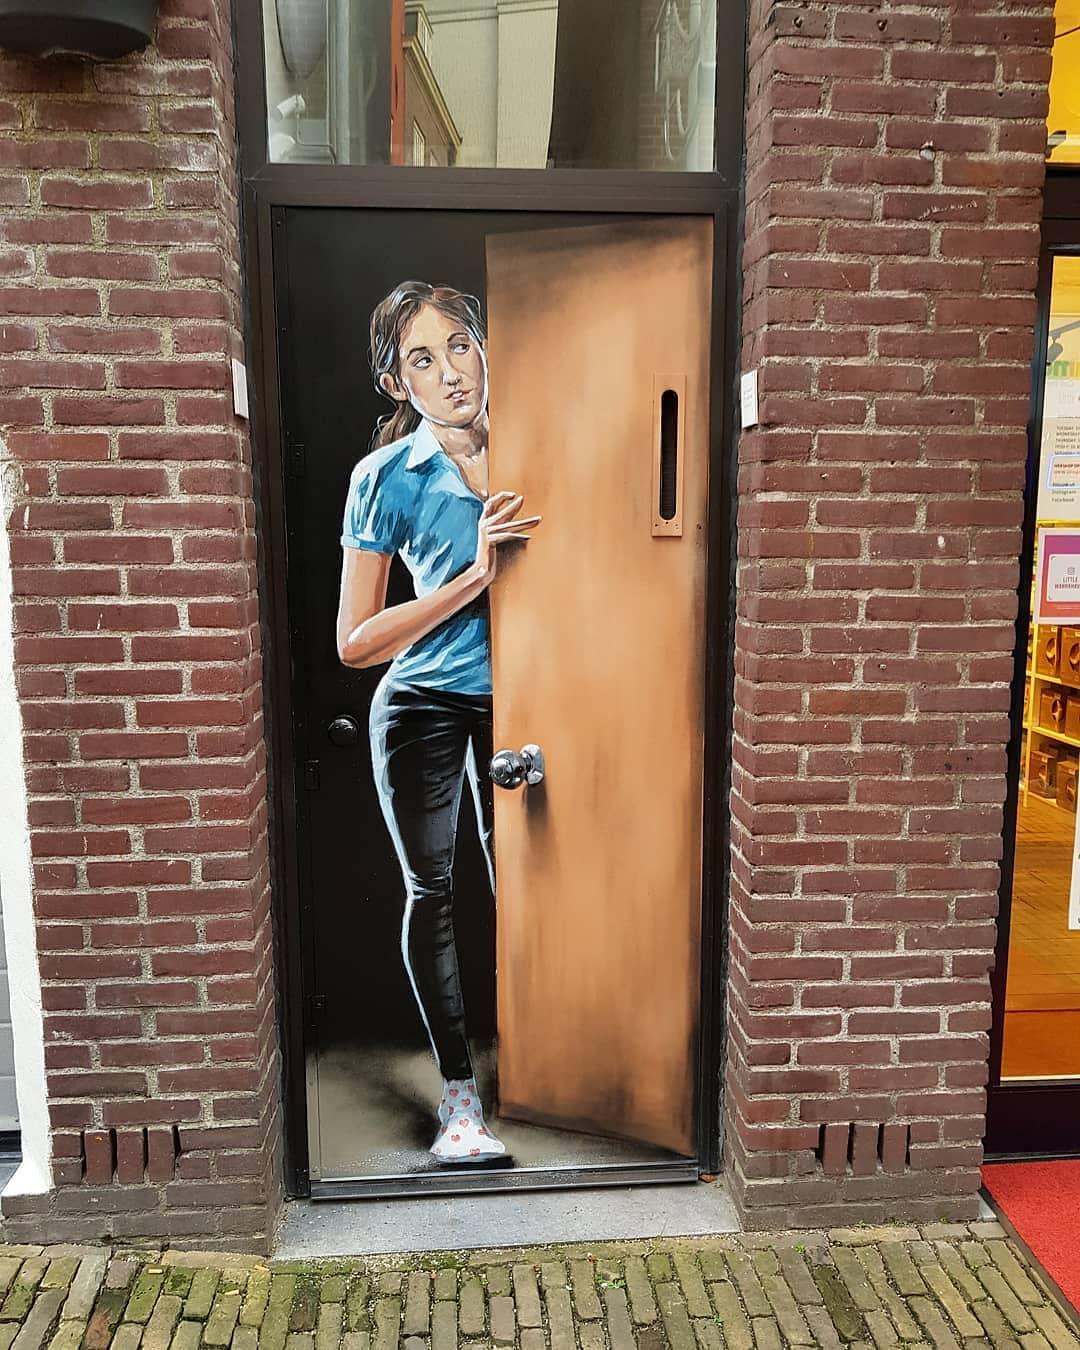 Verfdokter @ Utrecht, Netherlands